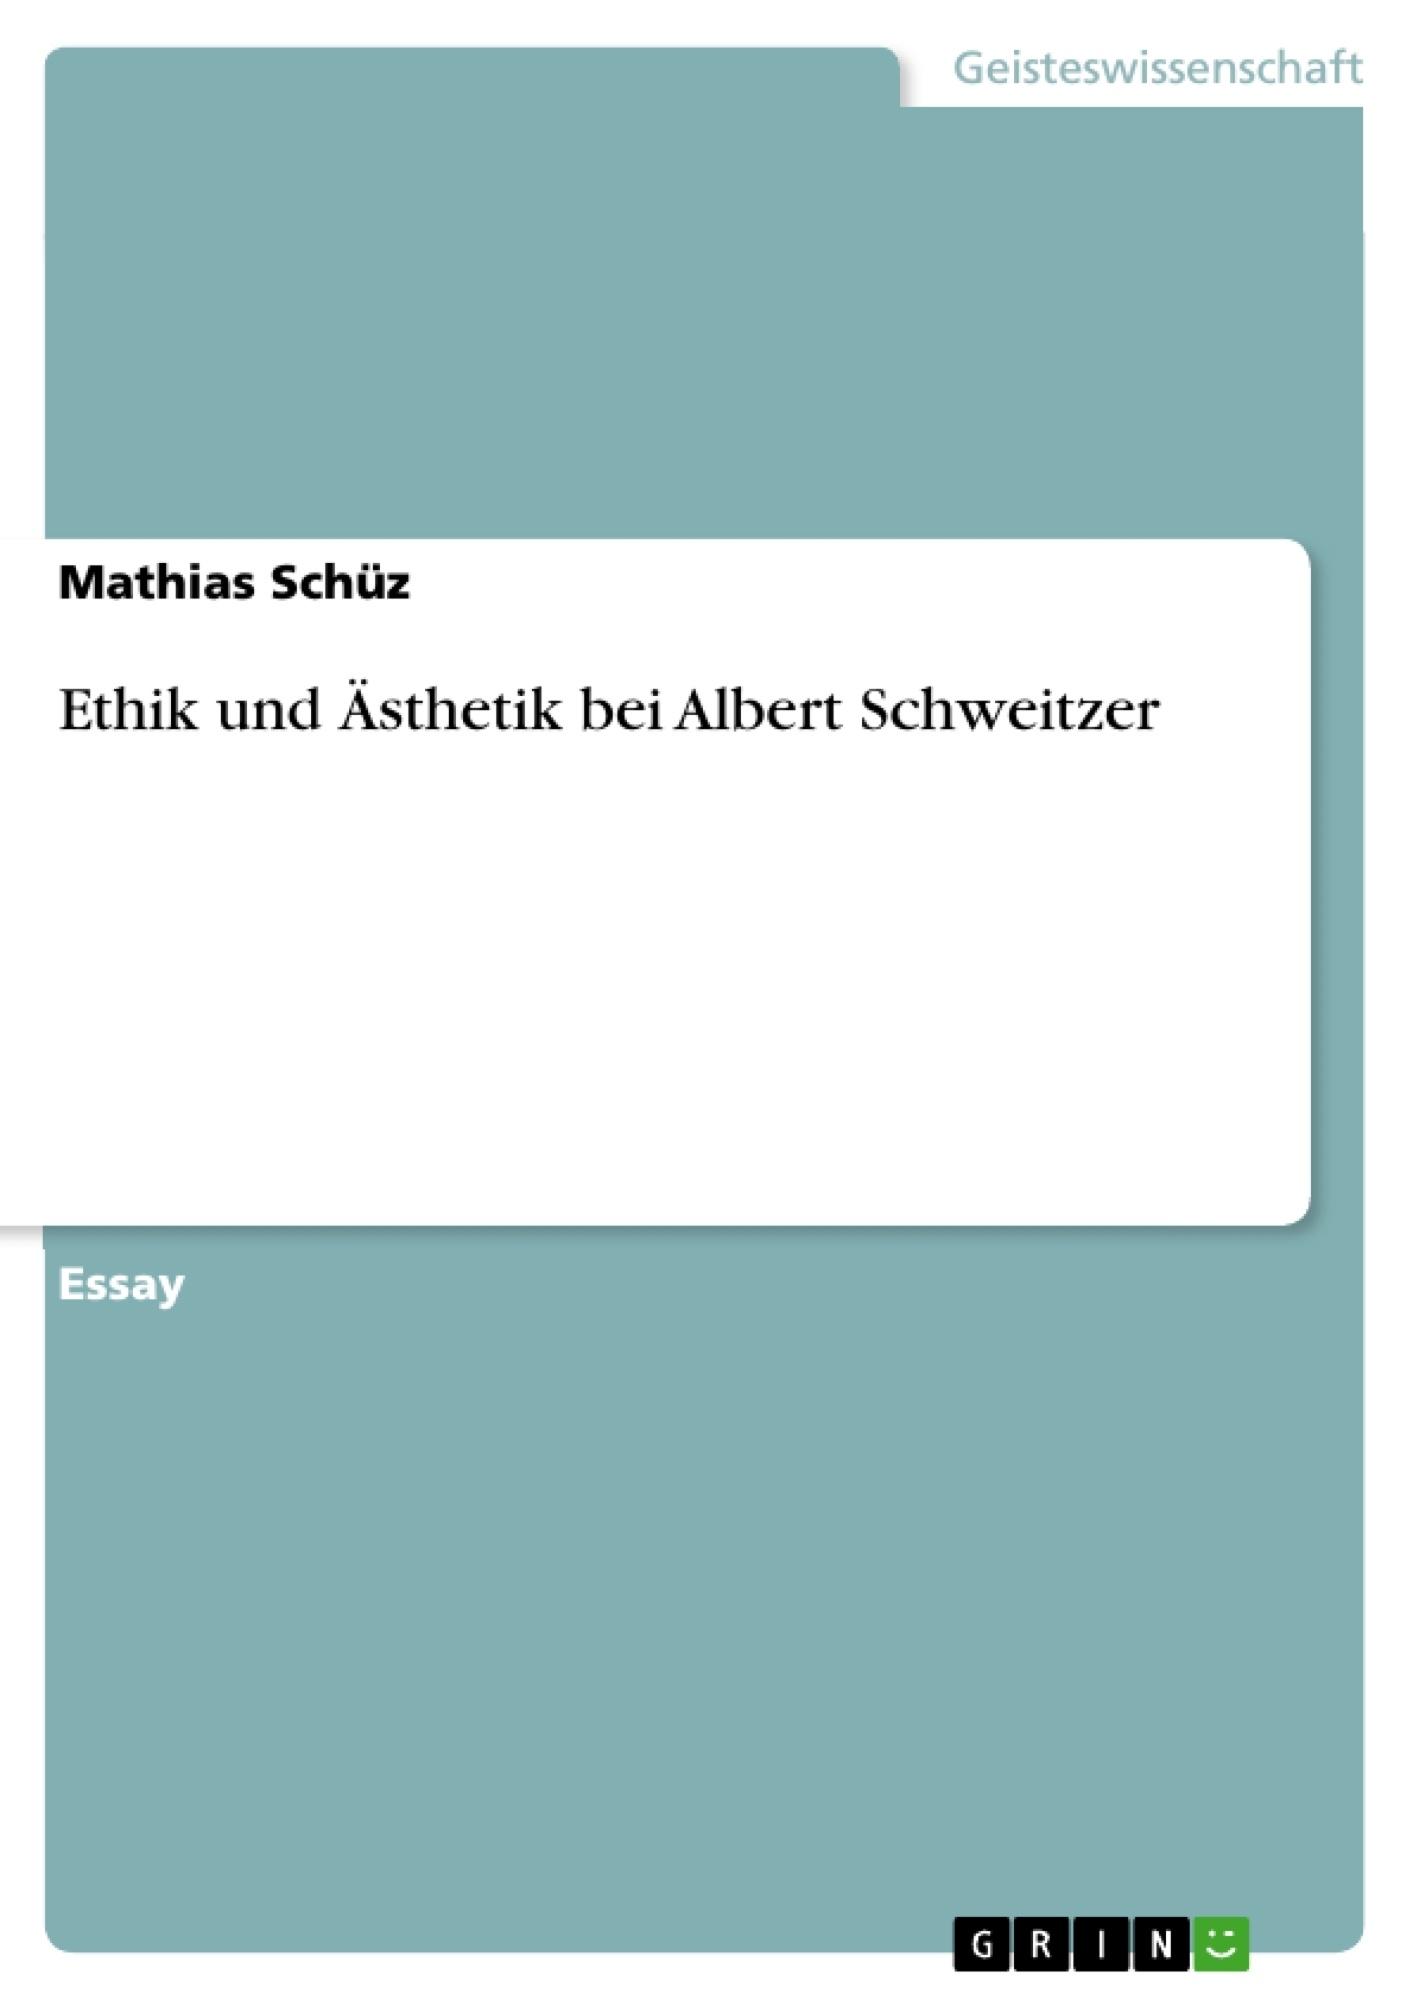 Titel: Ethik und Ästhetik bei Albert Schweitzer